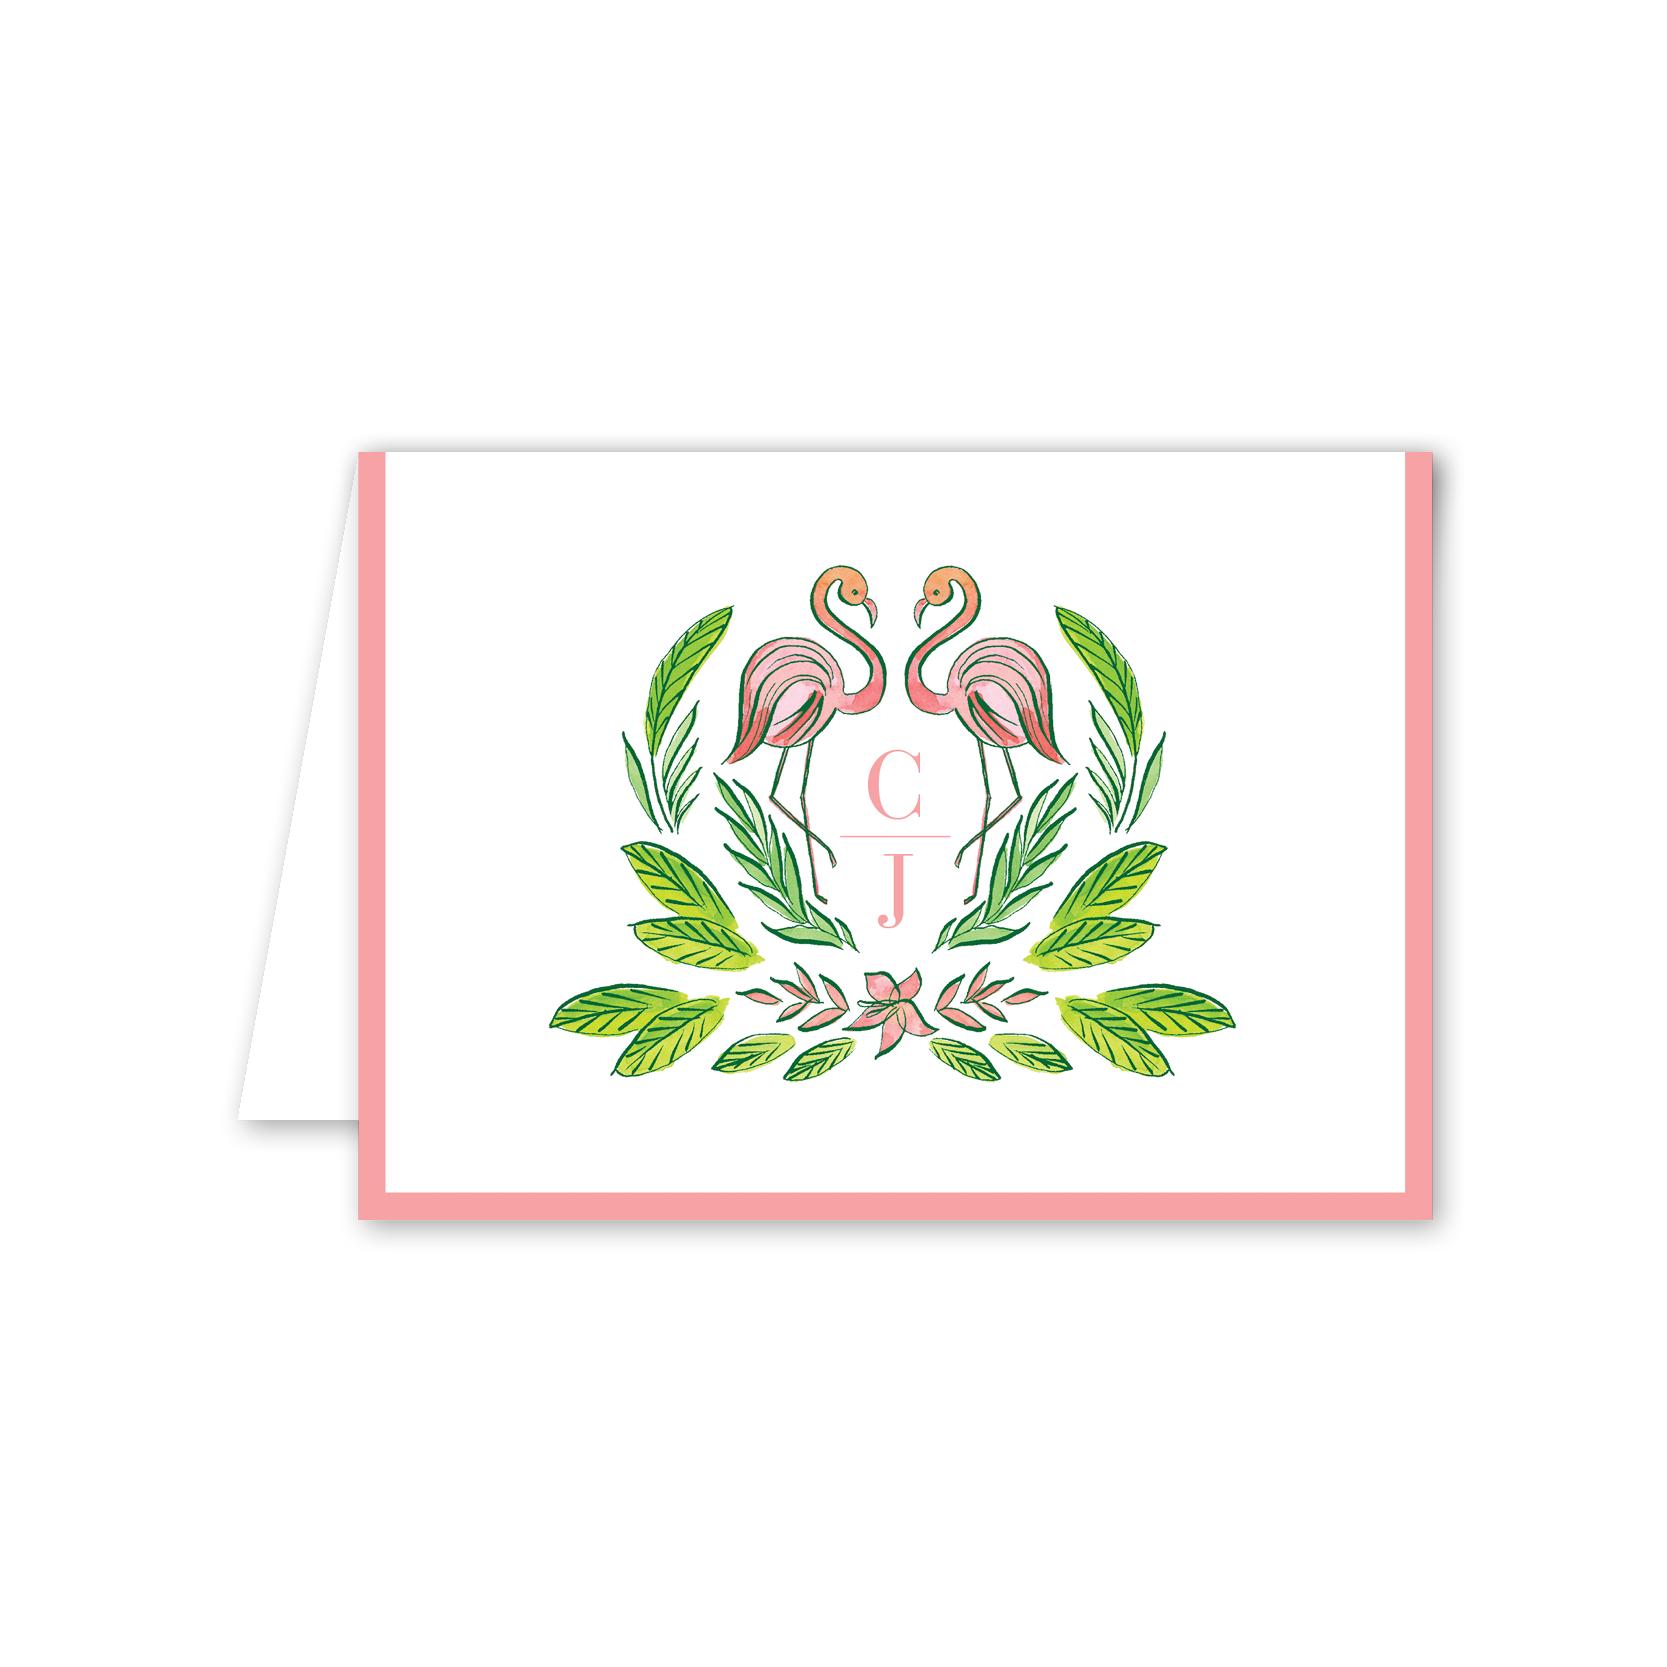 2017_Hollon_Royal Hawaiian Flamingo Gift Set__Thumb_03.png